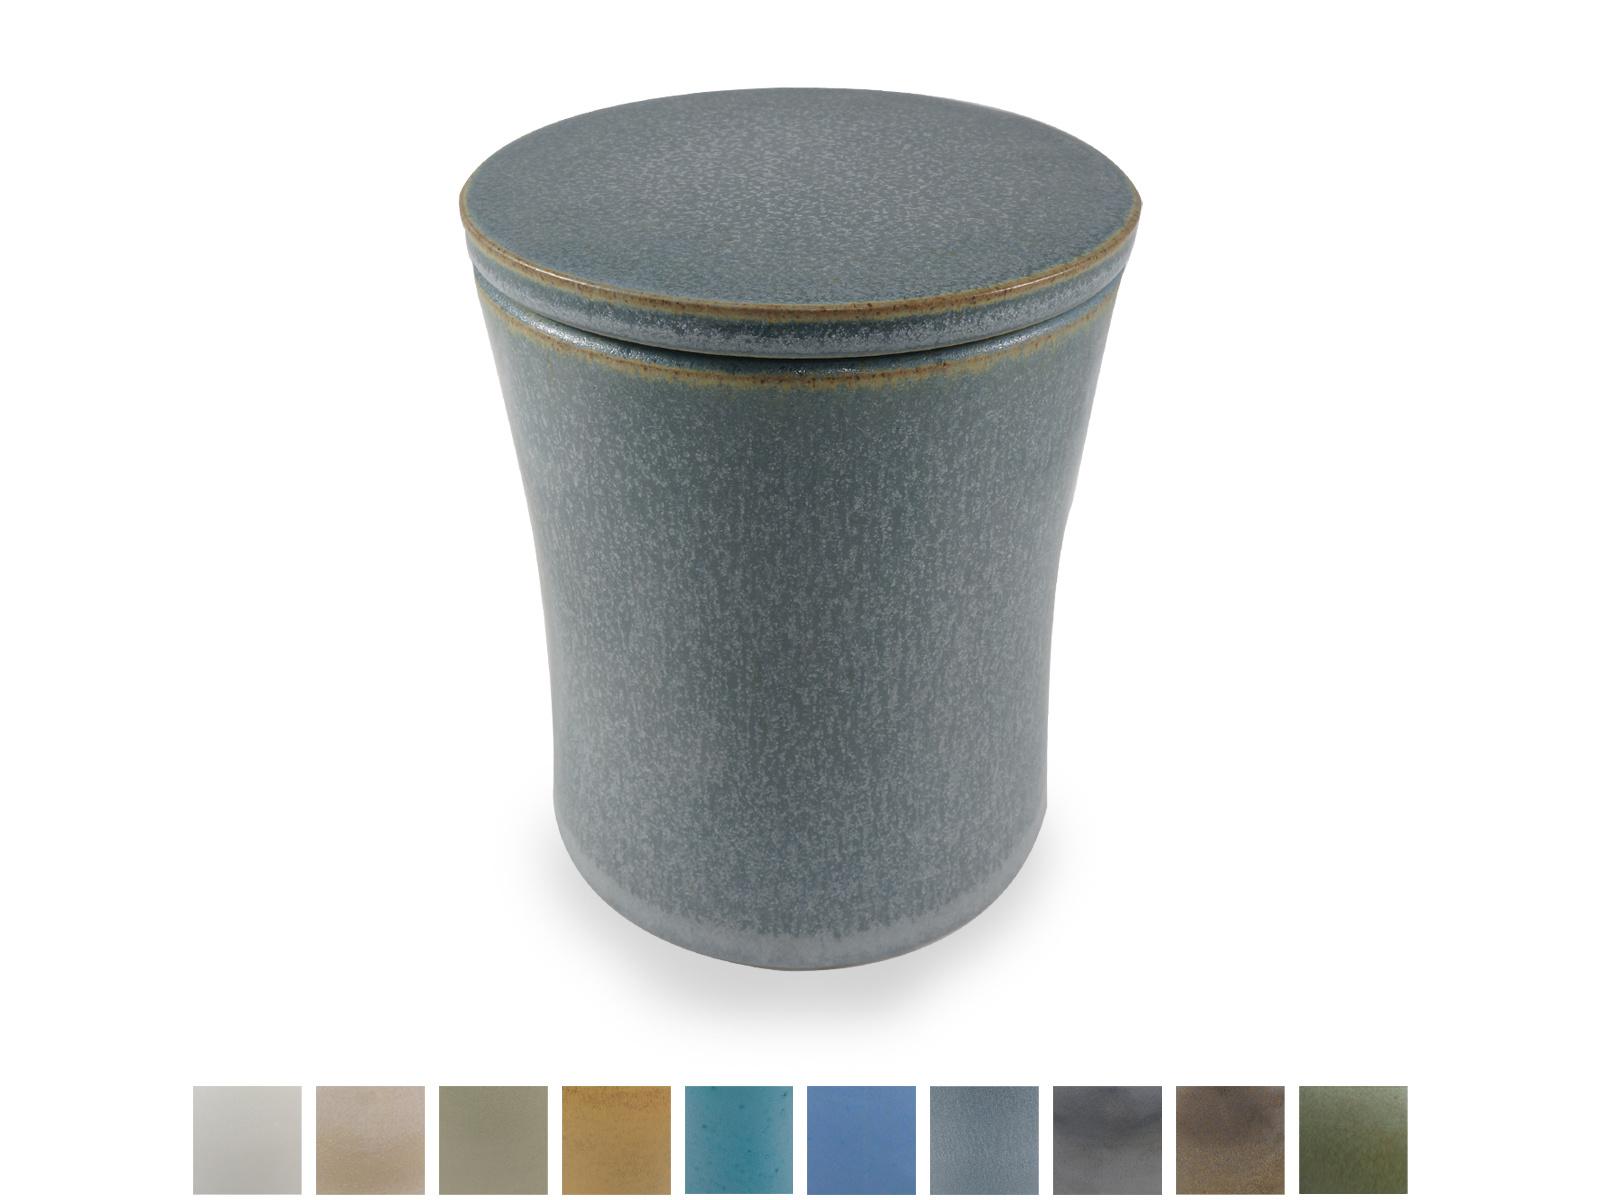 Keramische urn getailleerd klein